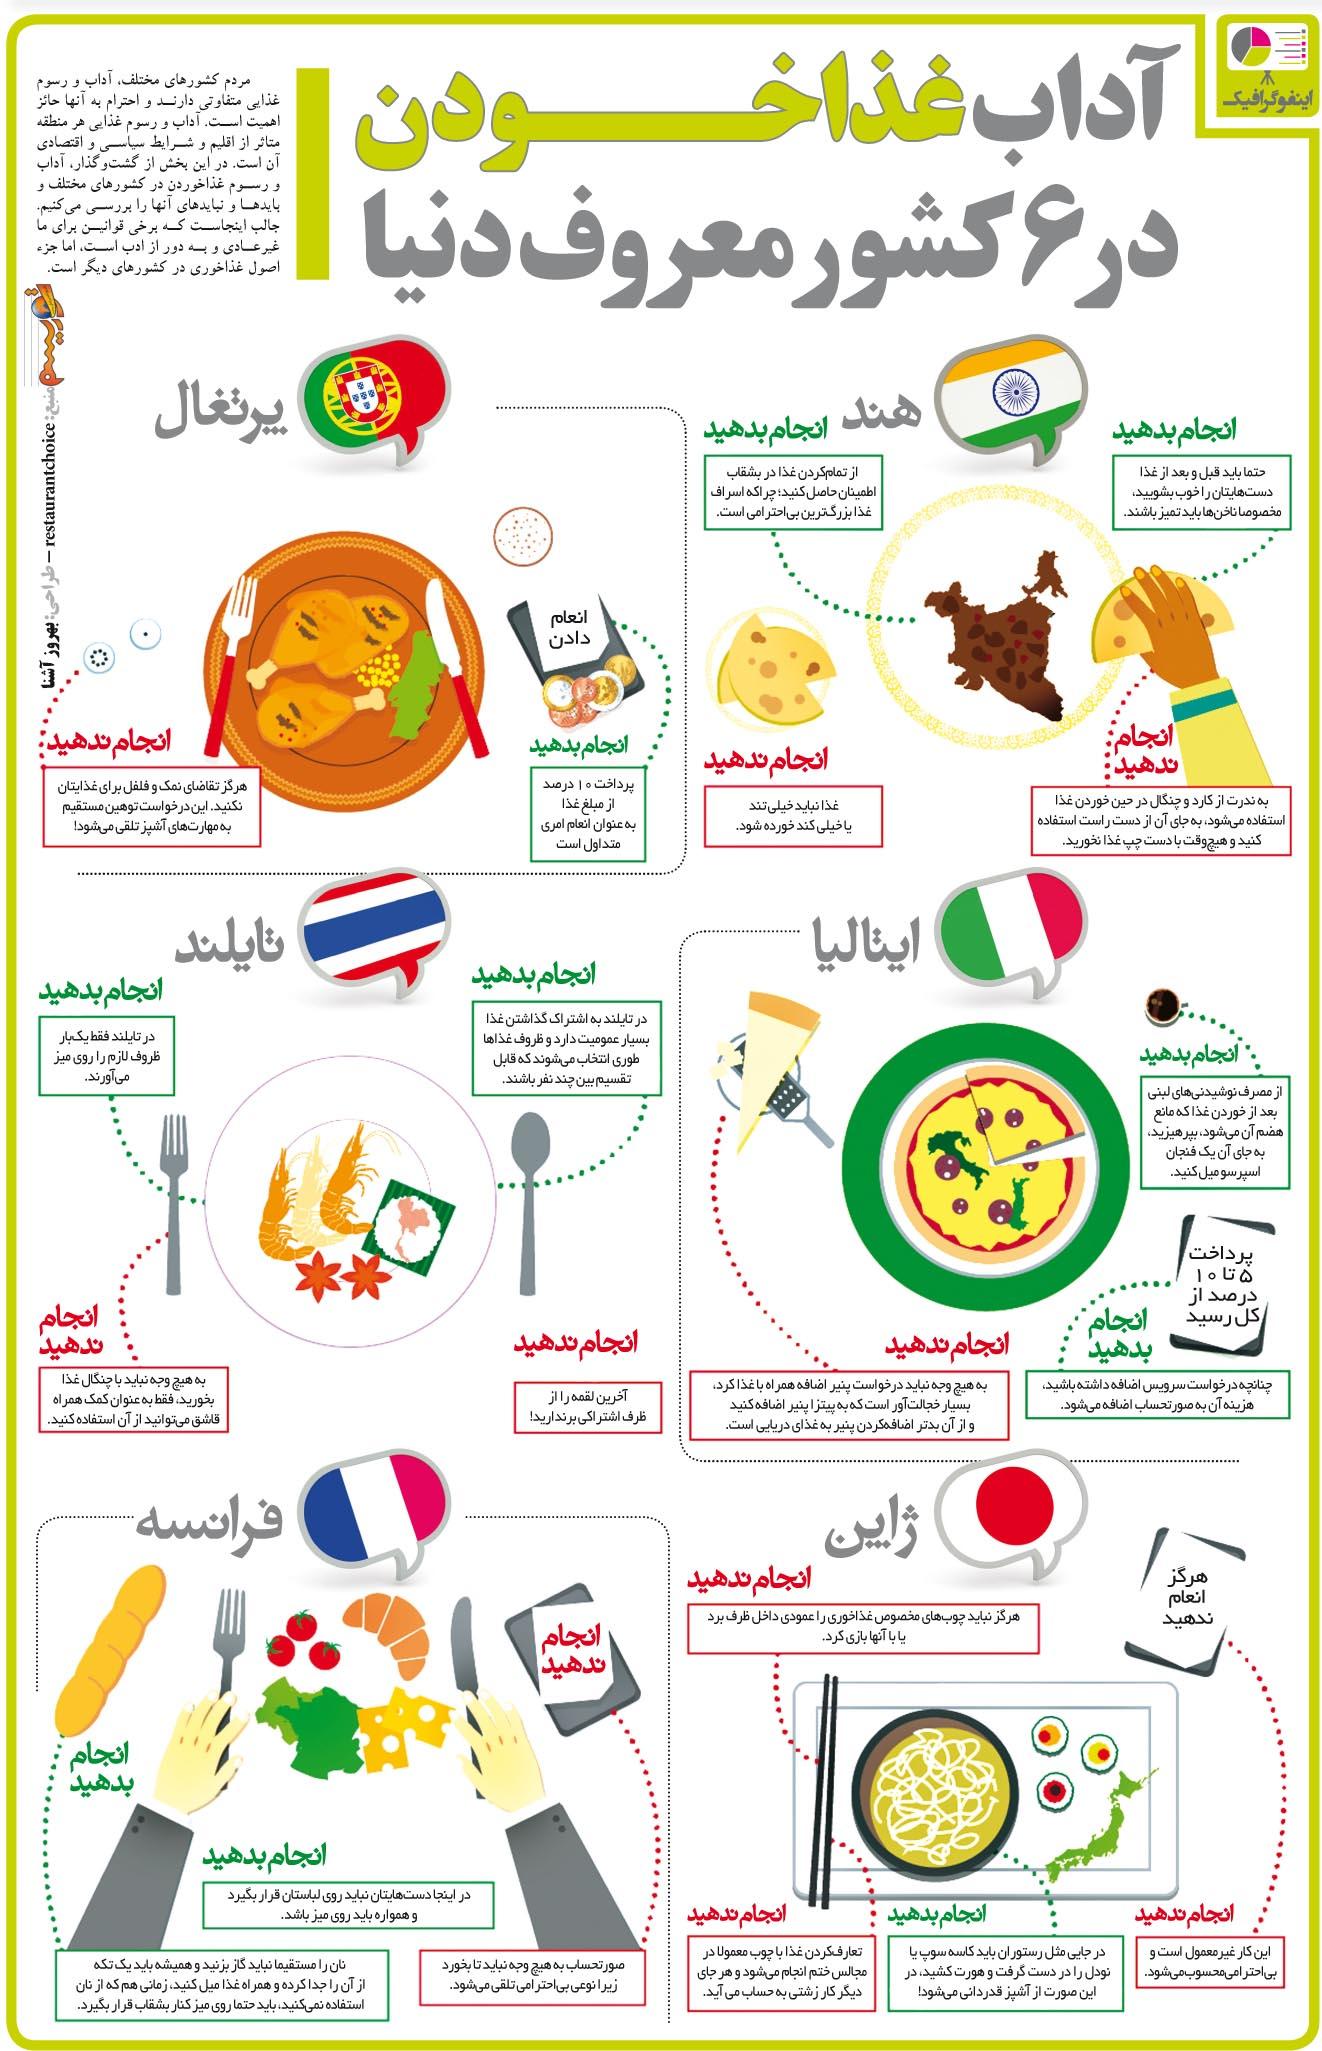 آداب غذا خوردن در کشور های مختلف دنیا+اینفوگرافیک- پایگاه دانستنی آنلاین